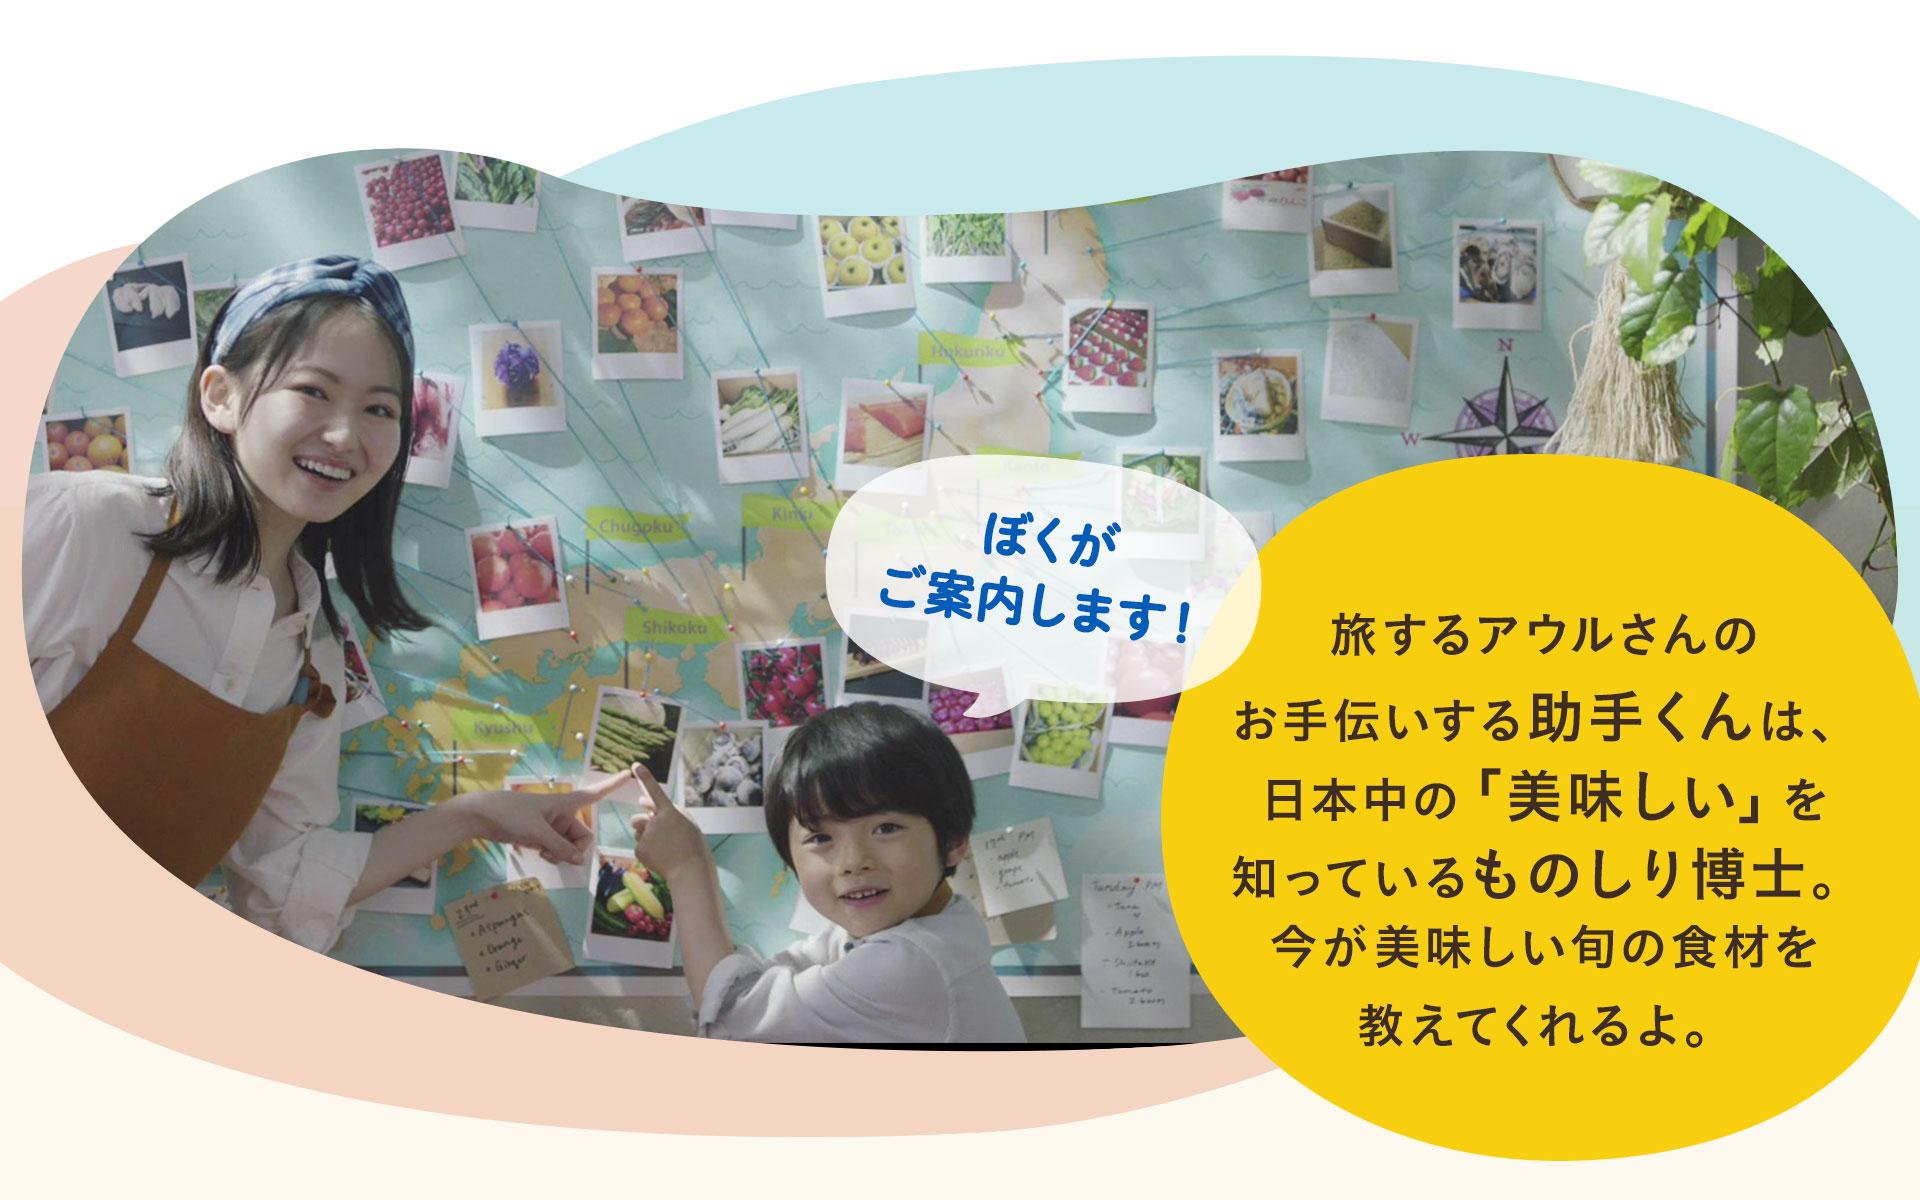 旅するアウルさんのお手伝いをする助手くんは、日本中の「美味しい」を知っているものしり博士。今が美味しい旬の食材を教えてくれるよ。